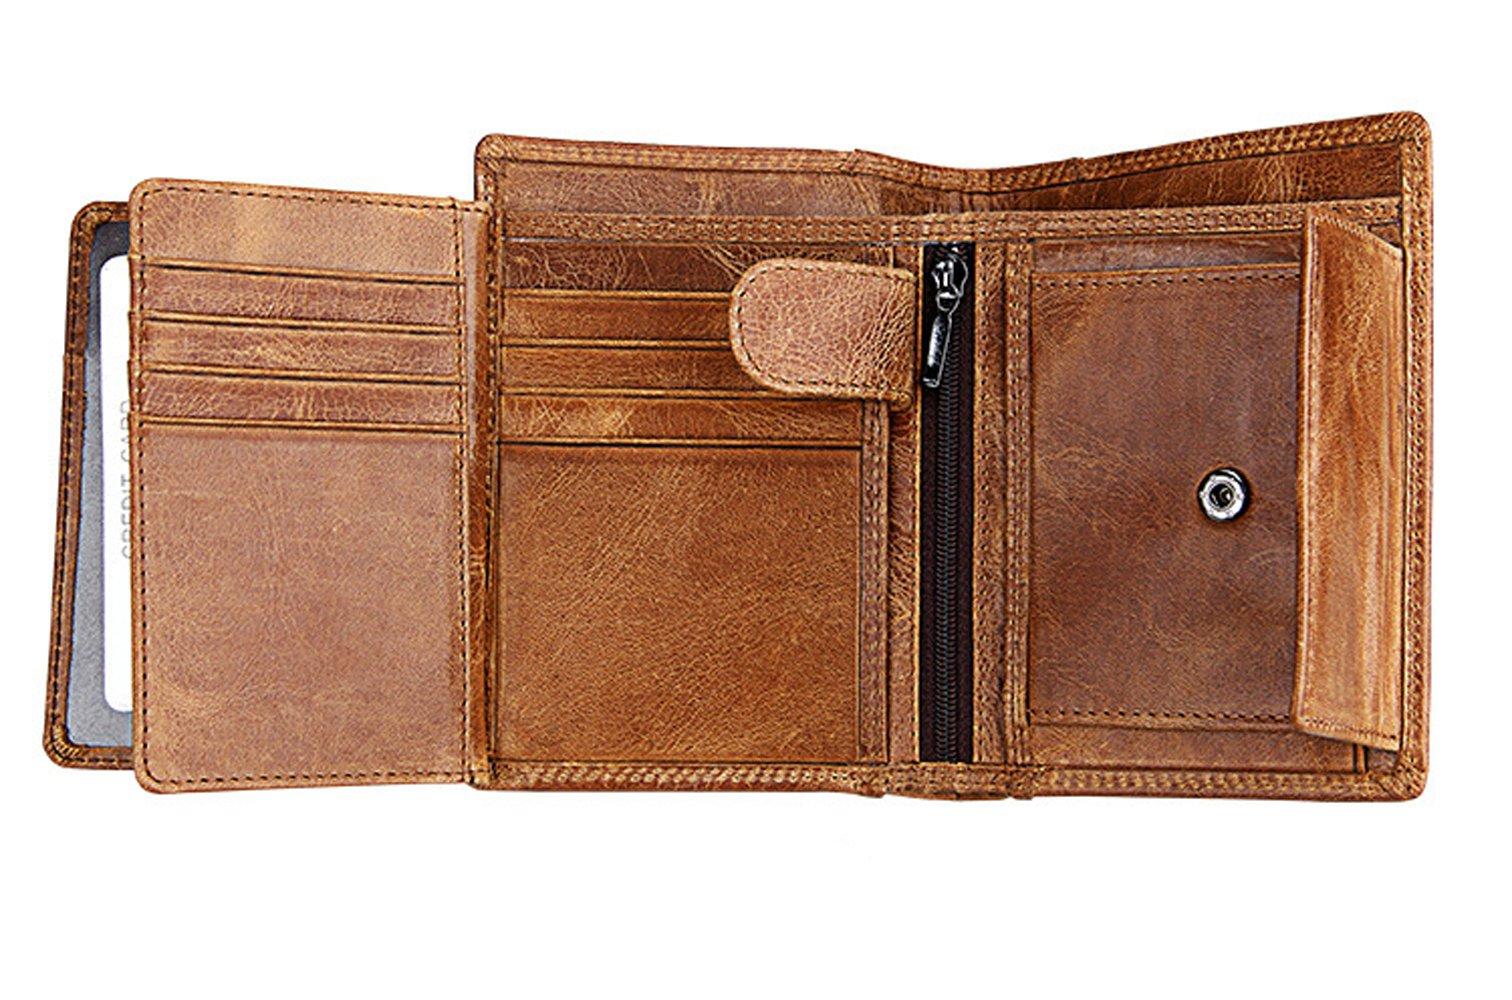 Gazigo RFID Blocking Wallet Genuine Leather Wallet for Men With 3 ID Window (RFID Blocking Wallet Brown127)